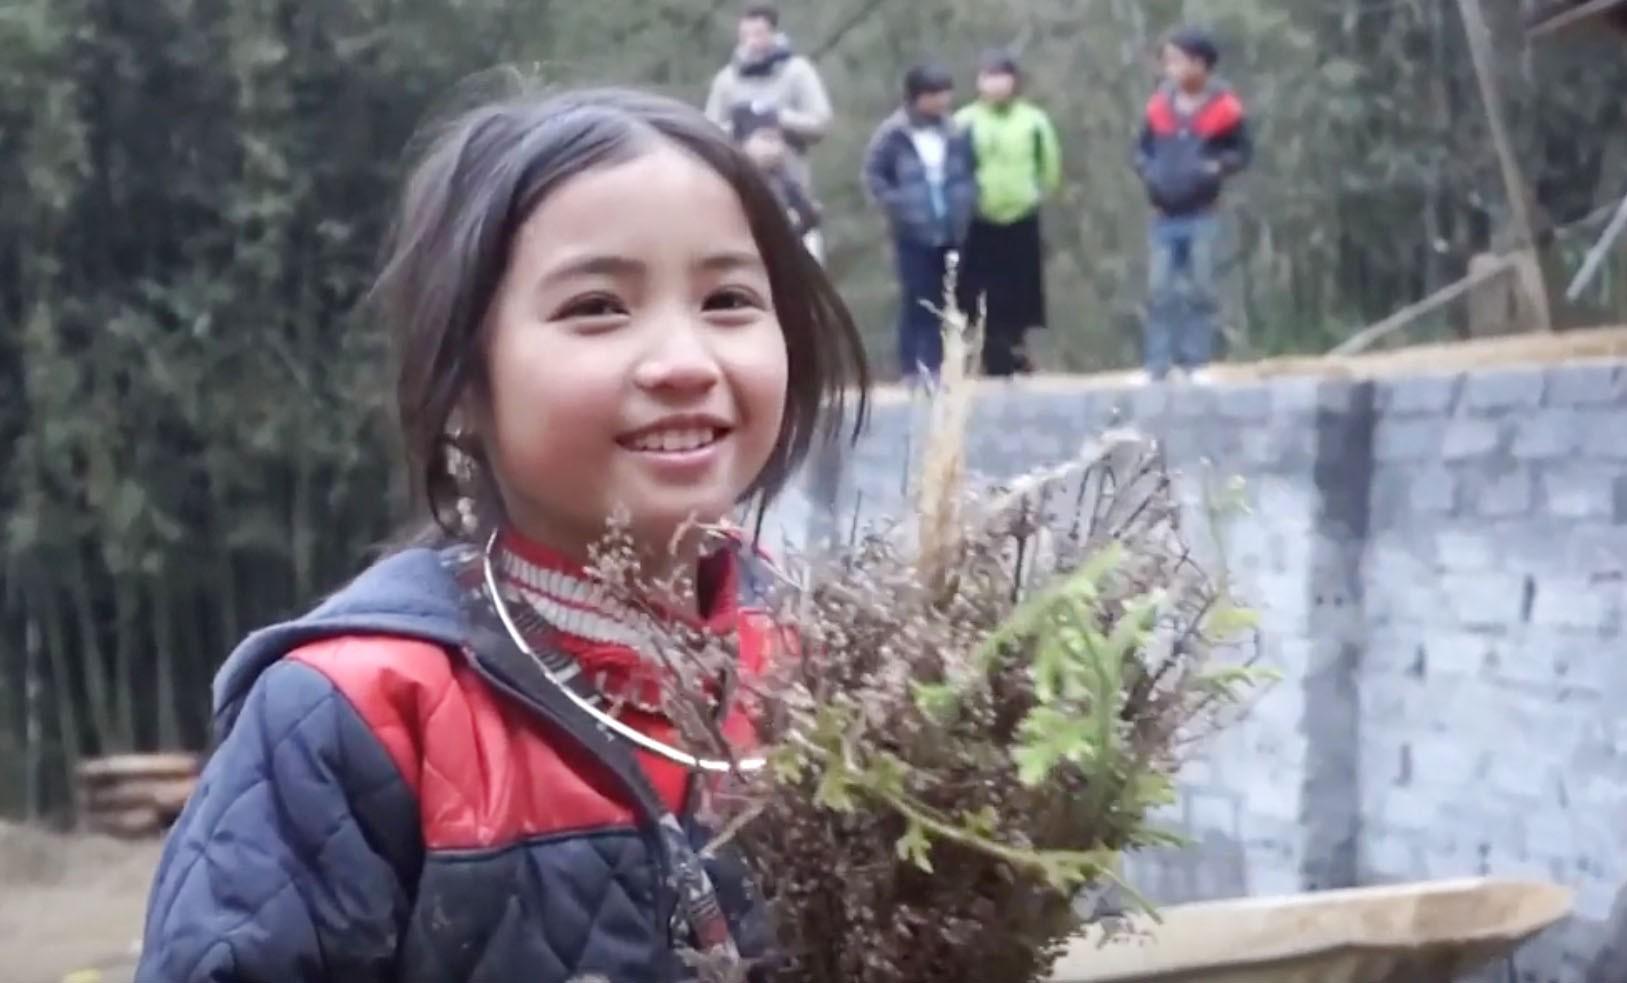 Bé gái HMông gây chú ý khi xuất hiện trong clip của dân phượt với nụ cười cực xinh 4